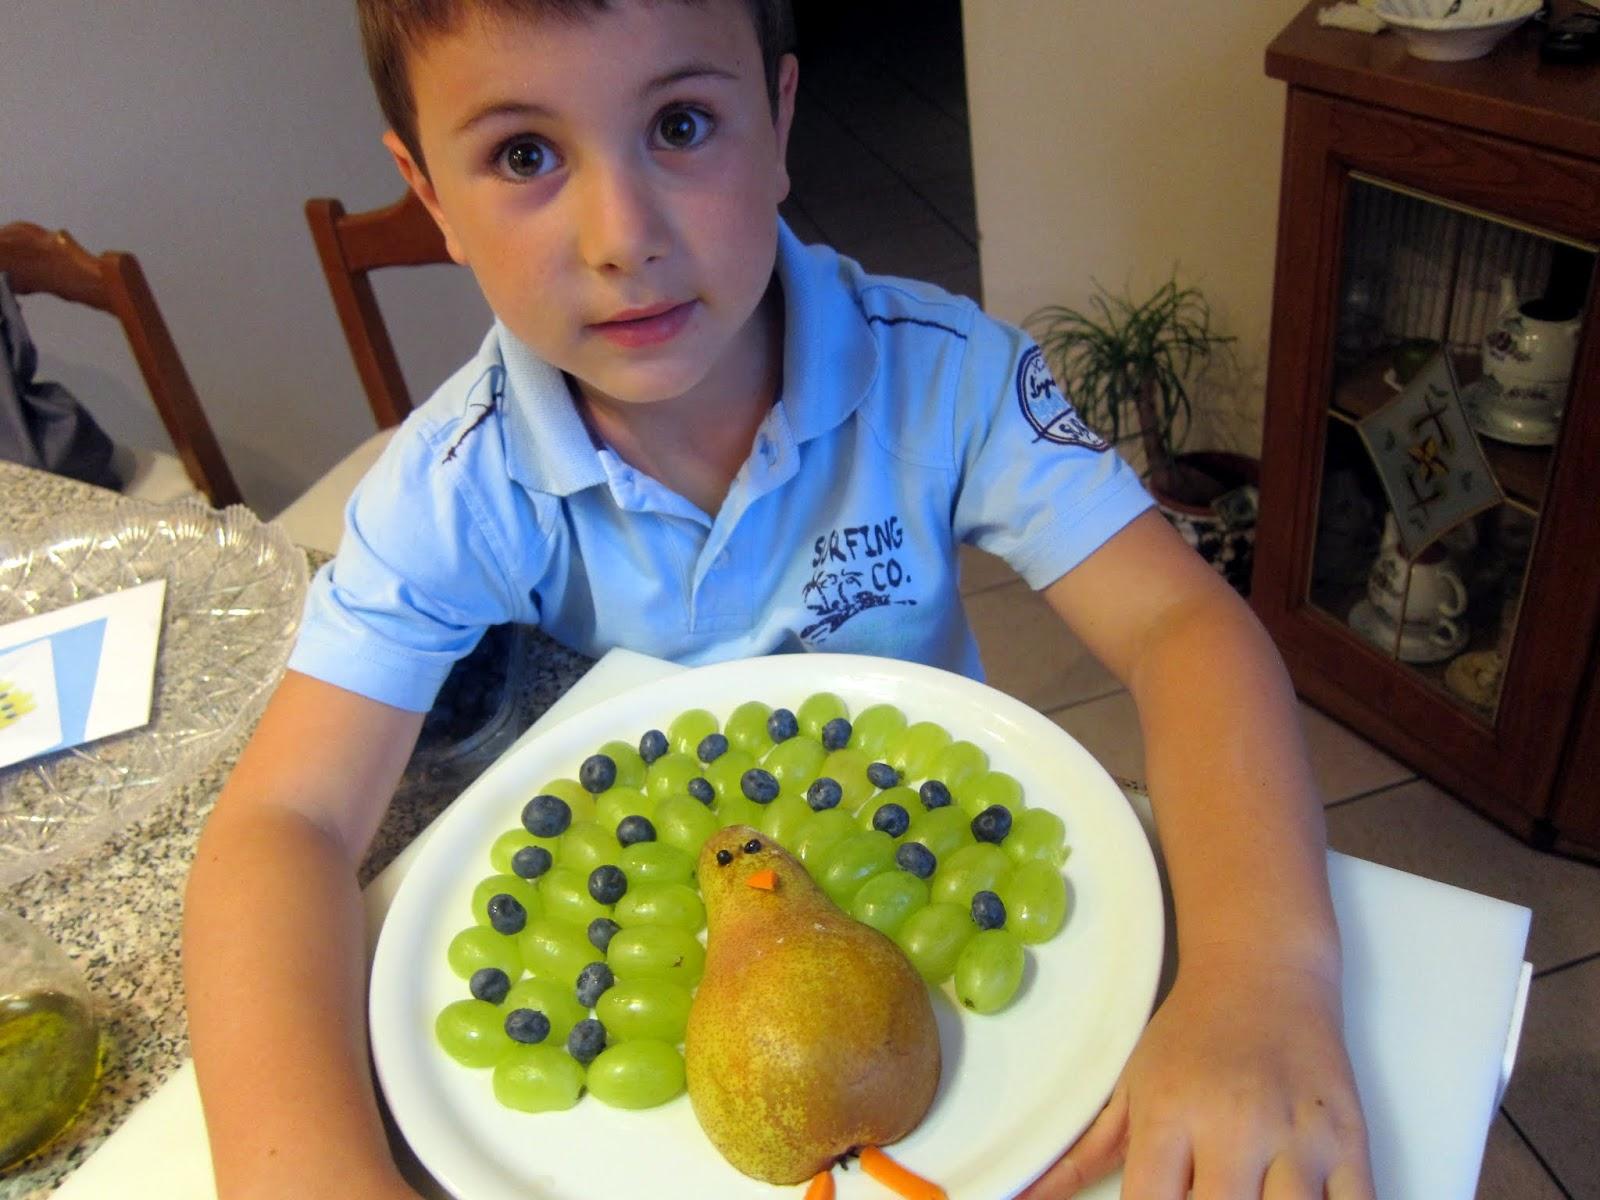 Mil di tutto e di pi matteo gioca con la frutta for Frutta con la o iniziale